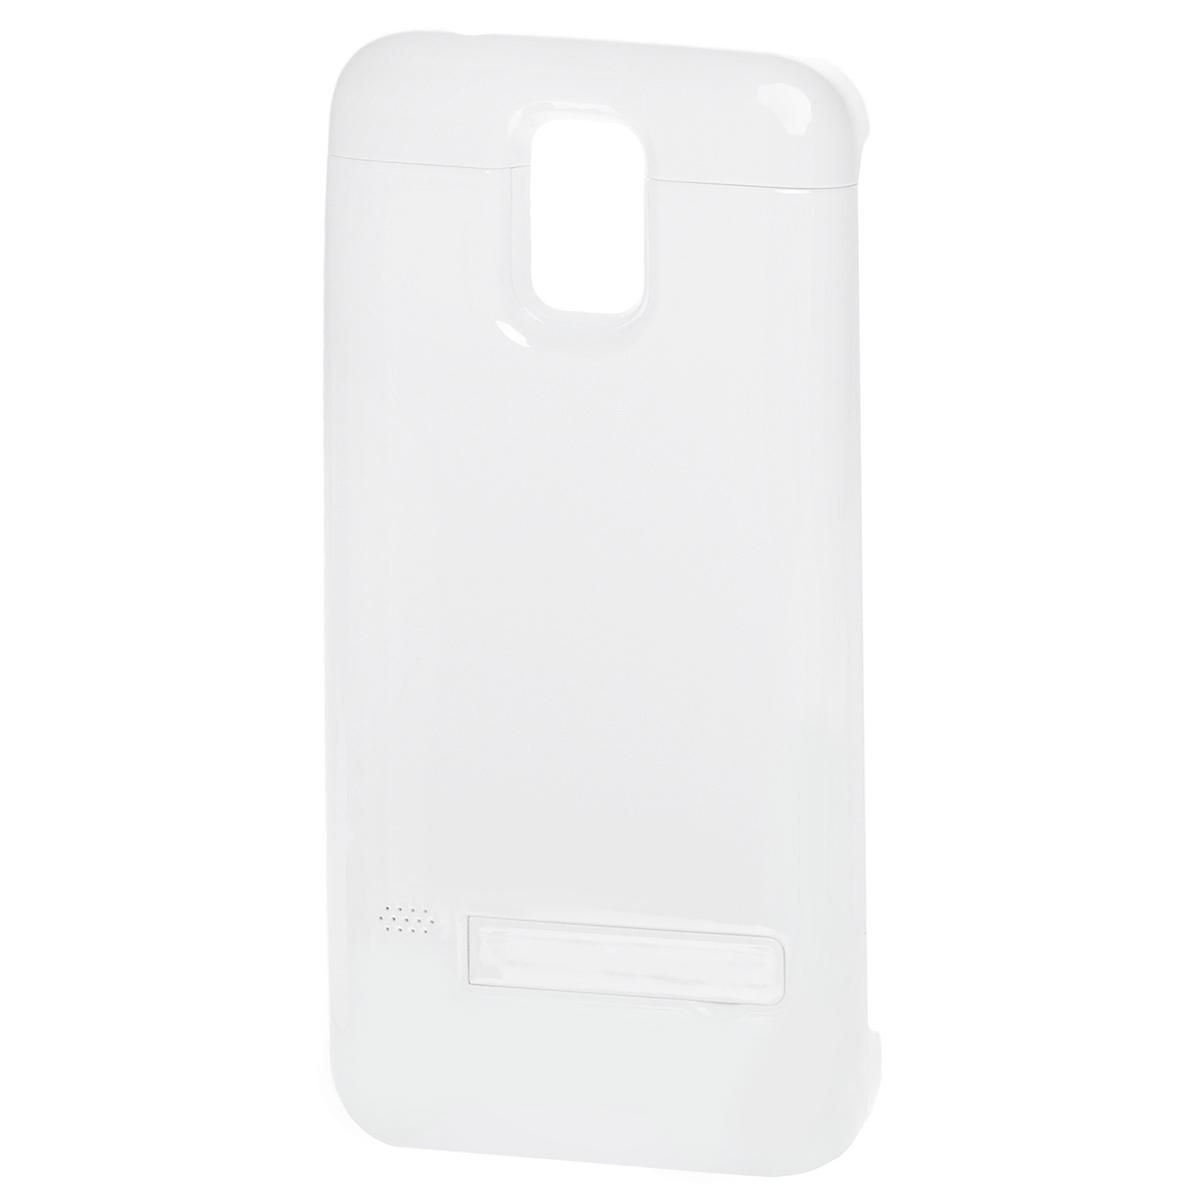 EXEQ HelpinG-SC08 чехол-аккумулятор для Samsung Galaxy S5, White (3300 мАч, клип-кейс)HelpinG-SC08 WHExeq HelpinG-SС08 – универсальный аксессуар, благодаря которому ваш смартфон не только будет надежно защищен, но и обеспечен своевременной подзарядкой! Exeq HelpinG-SС08 выполнен из прочного прорезиненного пластика, который надежно защитит смартфон от ударов, царапин и загрязнений. Встроенный аккумулятор емкостью в 3300 мАч обеспечит своевременную подзарядку батареи смартфона в самые необходимые моменты его использования.Также чехол Exeq HelpinG-SС08 оборудован встроенной подставкой, которая позволит надежно закрепить телефон в горизонтальном положении, например для просмотра видео, чтения электронных книг. Заряжается чехол-аккумулятор Exeq HelpinG-SС08 от зарядного устройства телефона, причем заряжать оба устройства можно не извлекая телефон из чехла. Так для зарядки телефона просто подсоедините зарядное устройства к чехлу и нажмите кнопку питания на чехле, а для зарядки чехла просто подсоедините зарядное устройство к нему. Аналогично происходит и подключение телефона к компьютеру – чехол-аккумулятор Exeq HelpinG обеспечивает идеальную передачу данных между смартфоном и другими электронными устройствами.